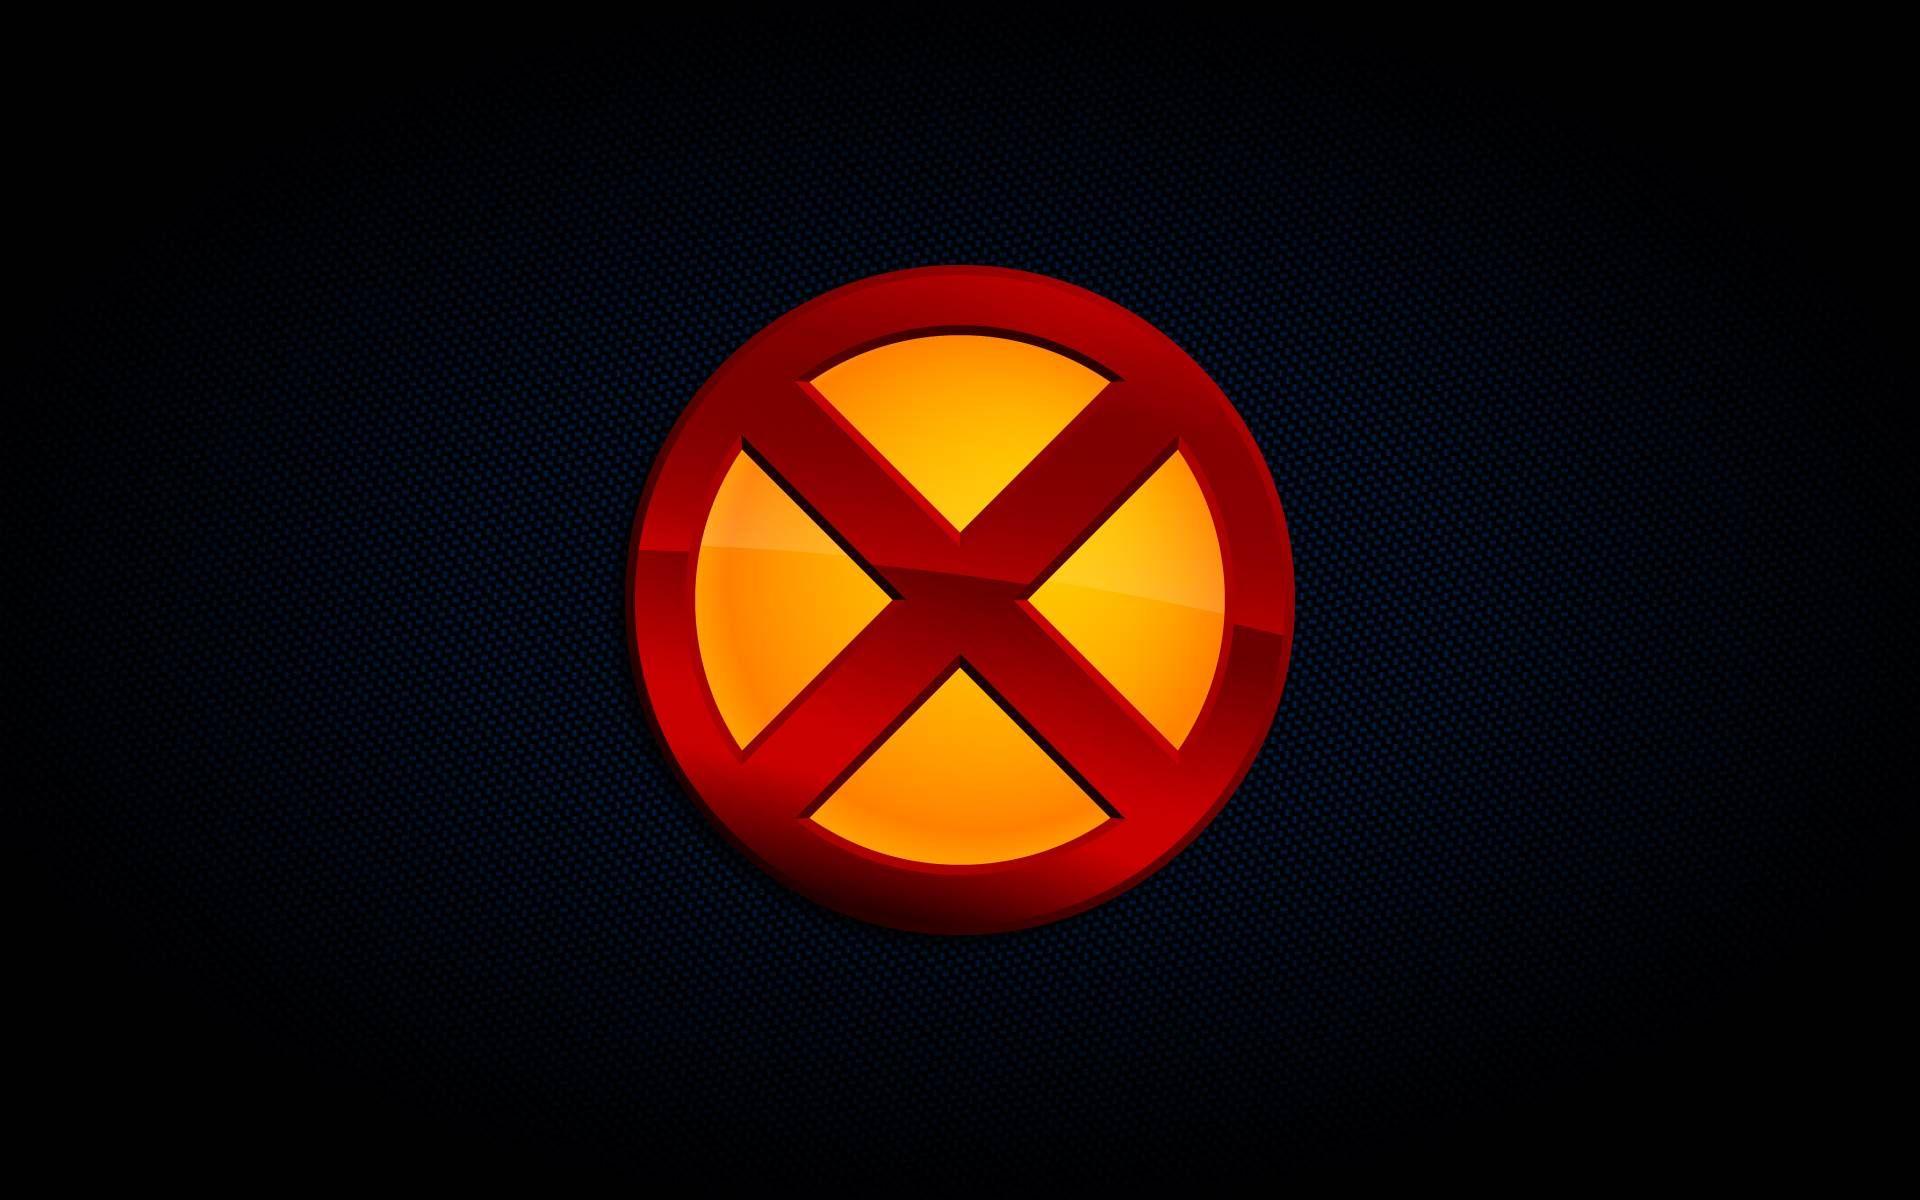 X Men Hd Wallpapers Free Pixels Talk 1600 1200 X Men Wallpaper Adorable Wallpapers Man Wallpaper Men Logo X Men